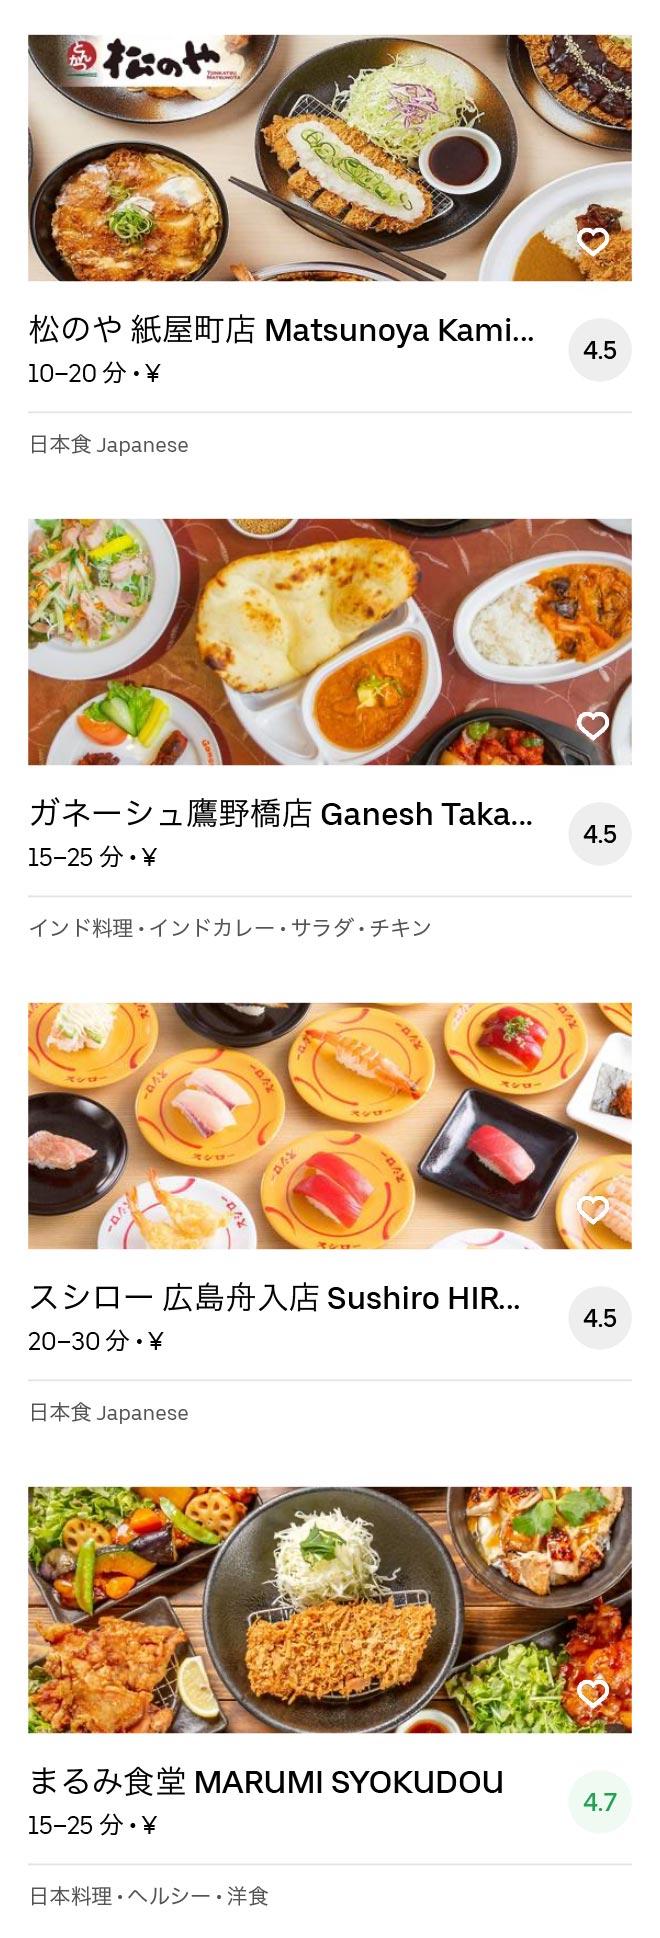 Hiroshima toukaimachi menu 2005 07